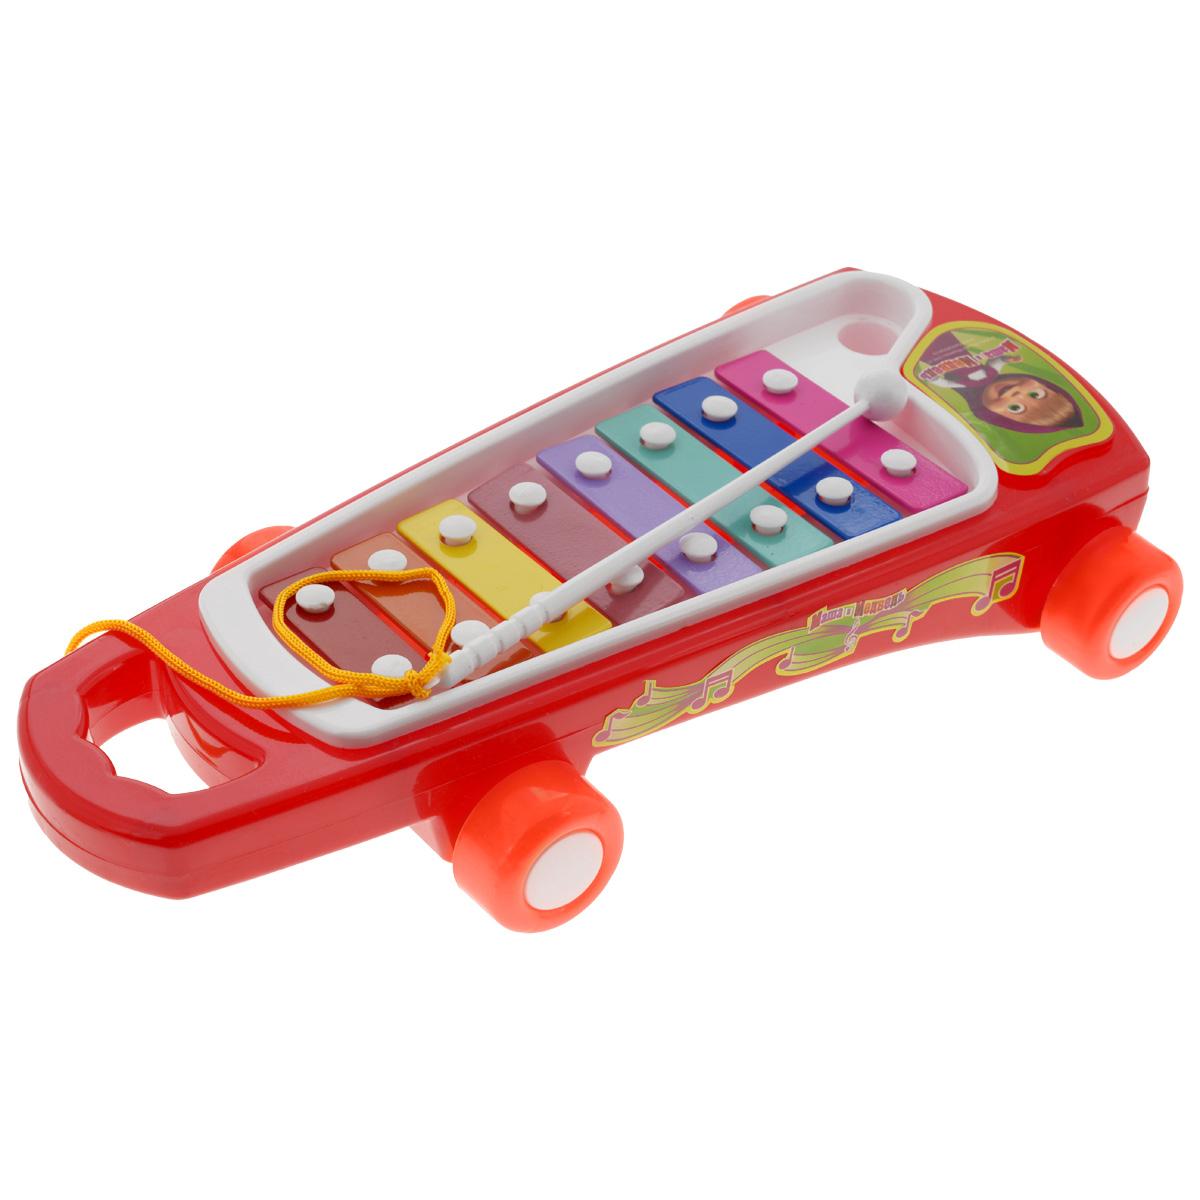 Металлофон Маша и Медведь600,EG8422Металлофон Маша и Медведь приведет в восторг вашего маленького музыканта. Металлофон - это металлический ксилофон, который отличается высоким чистым звуком. Занятия музыкой благотворно влияют на развитие детей. Металлофон выполнен из прочного пластика и оснащен 8 металлическими пластинами, которые, при ударе по ним пластиковой палочкой, издают приятный мелодичный звон. Ударная палочка прикреплена к металлофону шнурком, благодаря чему малыш сможет не опасаться, что случайно потеряет ее. Металлофон дополнен колесиками, которые позволят ребенку без труда передвигать его. Игра на металлофоне поможет развить слух, звуковое и цветовое восприятия, концентрацию внимания и мелкую моторику рук ребенка.